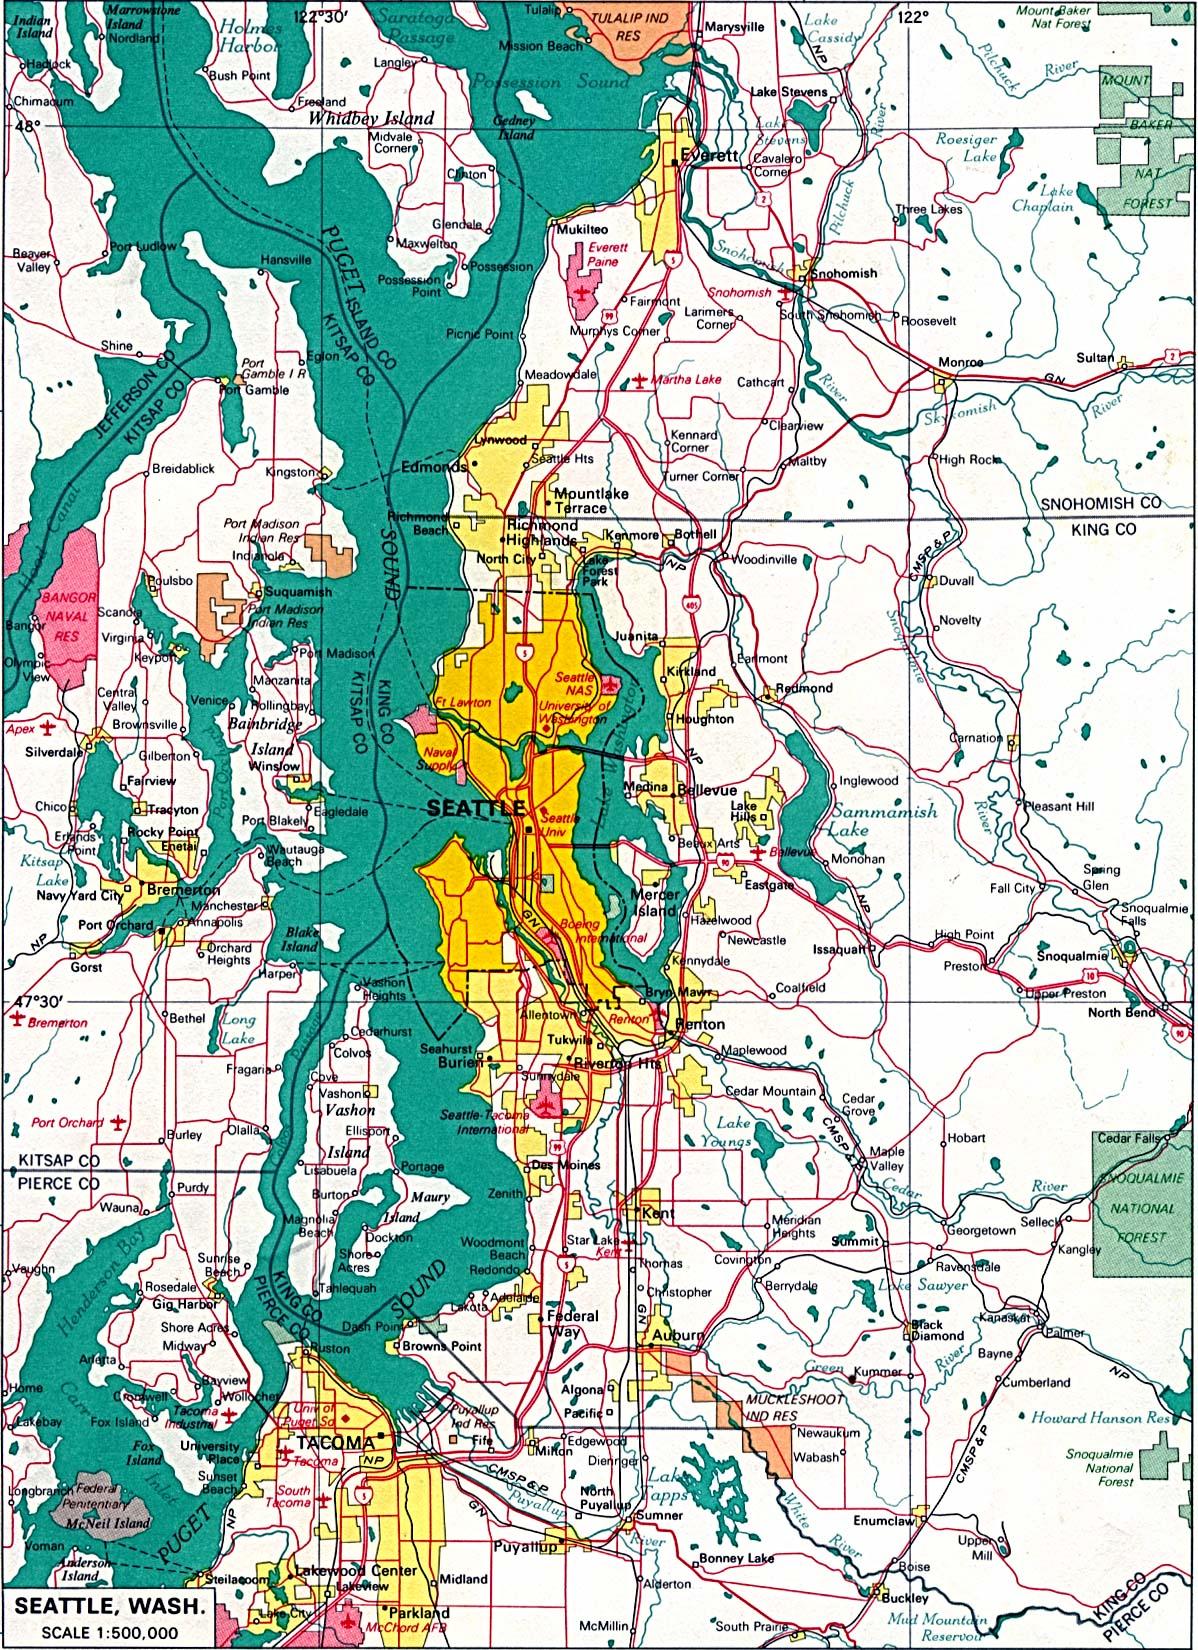 Mapa de la Ciudad de Seattle, Washington, Estados Unidos